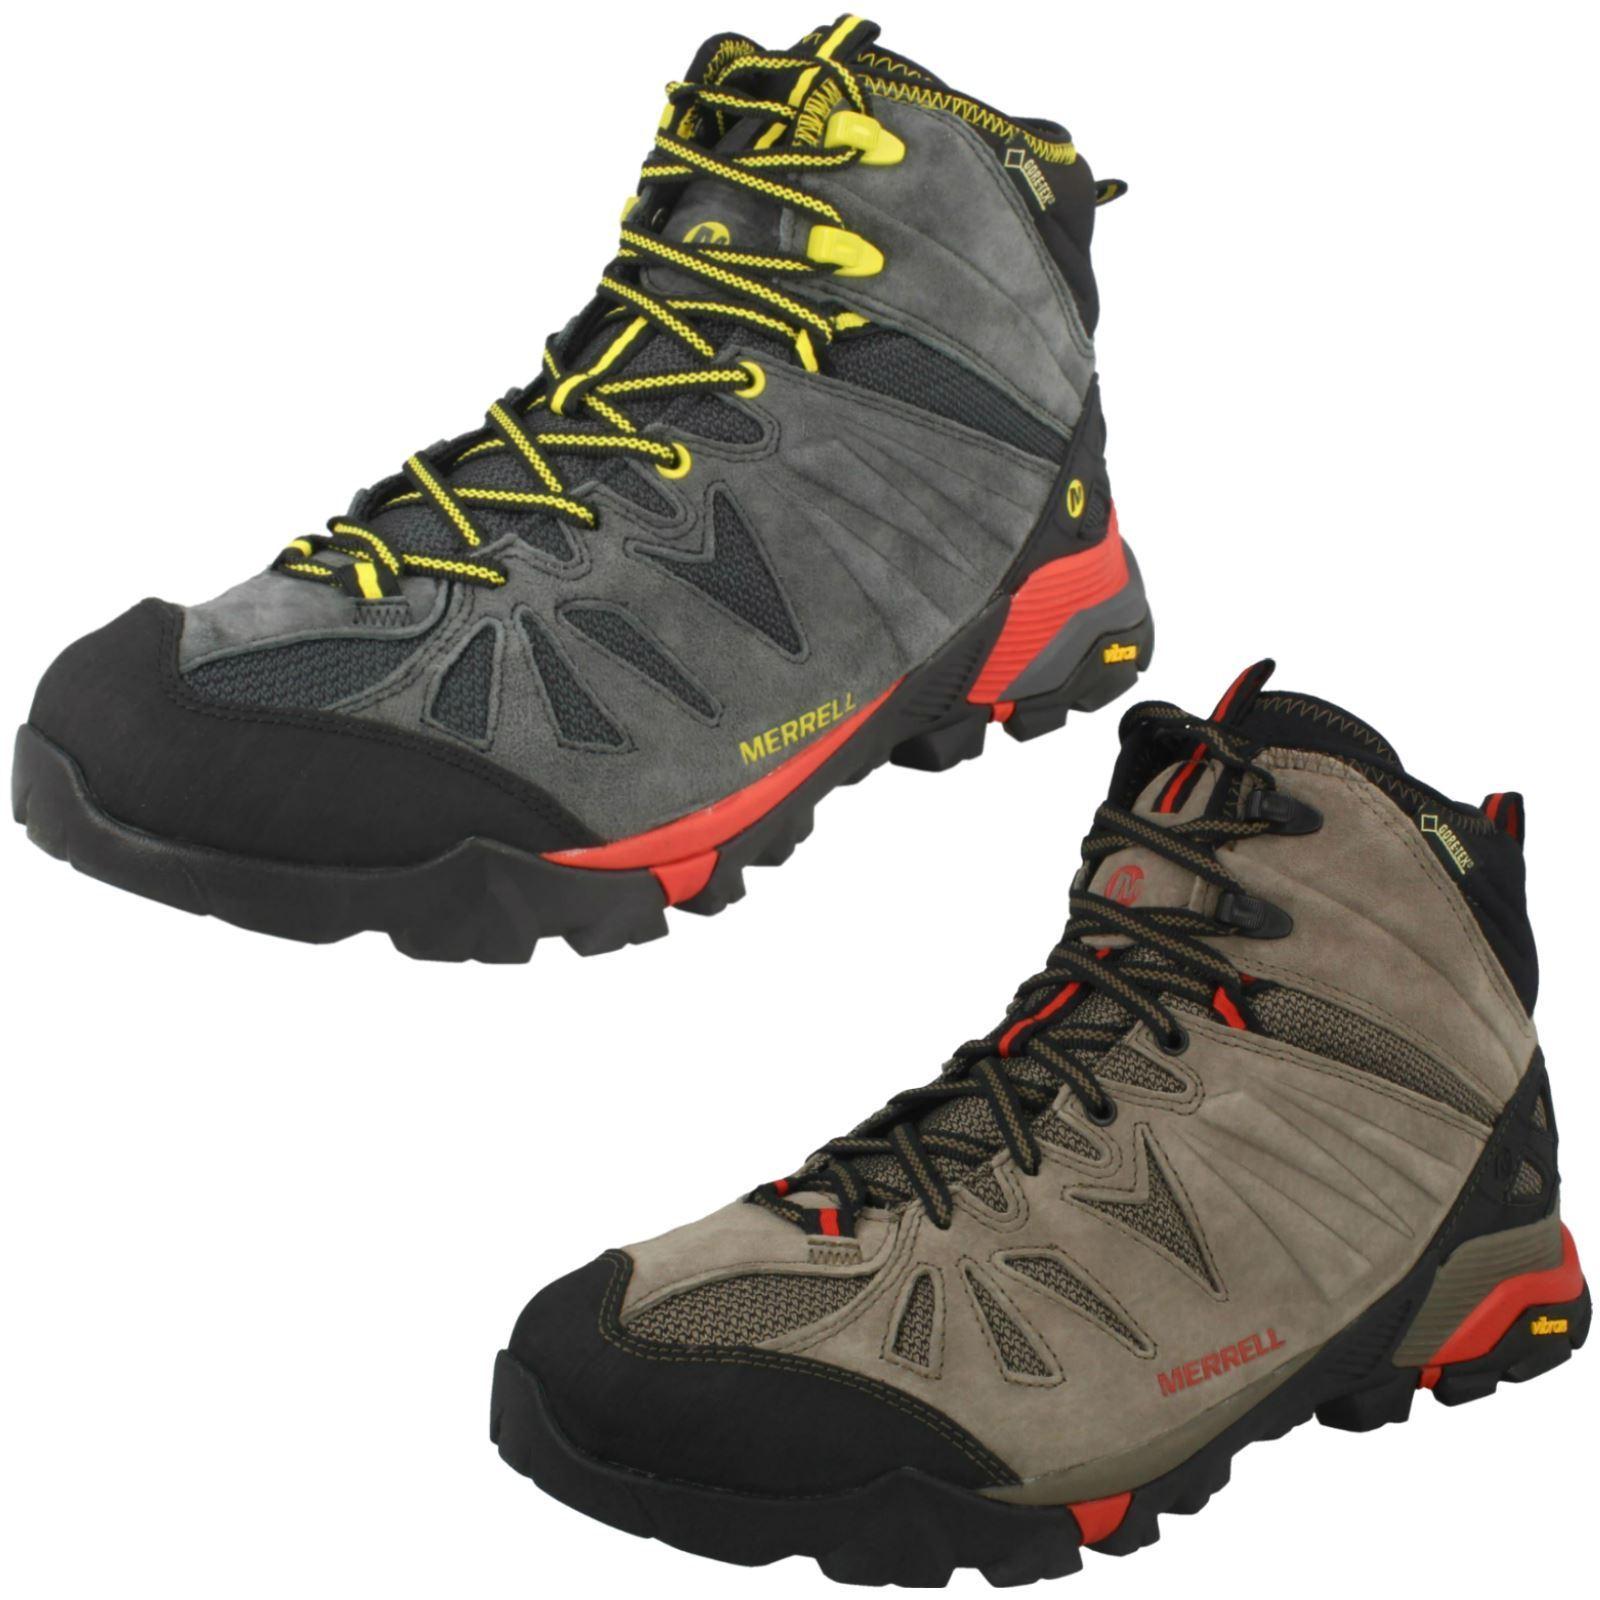 Merrell Hombre Gore-Tex Mid Walking botas - Capra Mid Gore-Tex 7cdf94